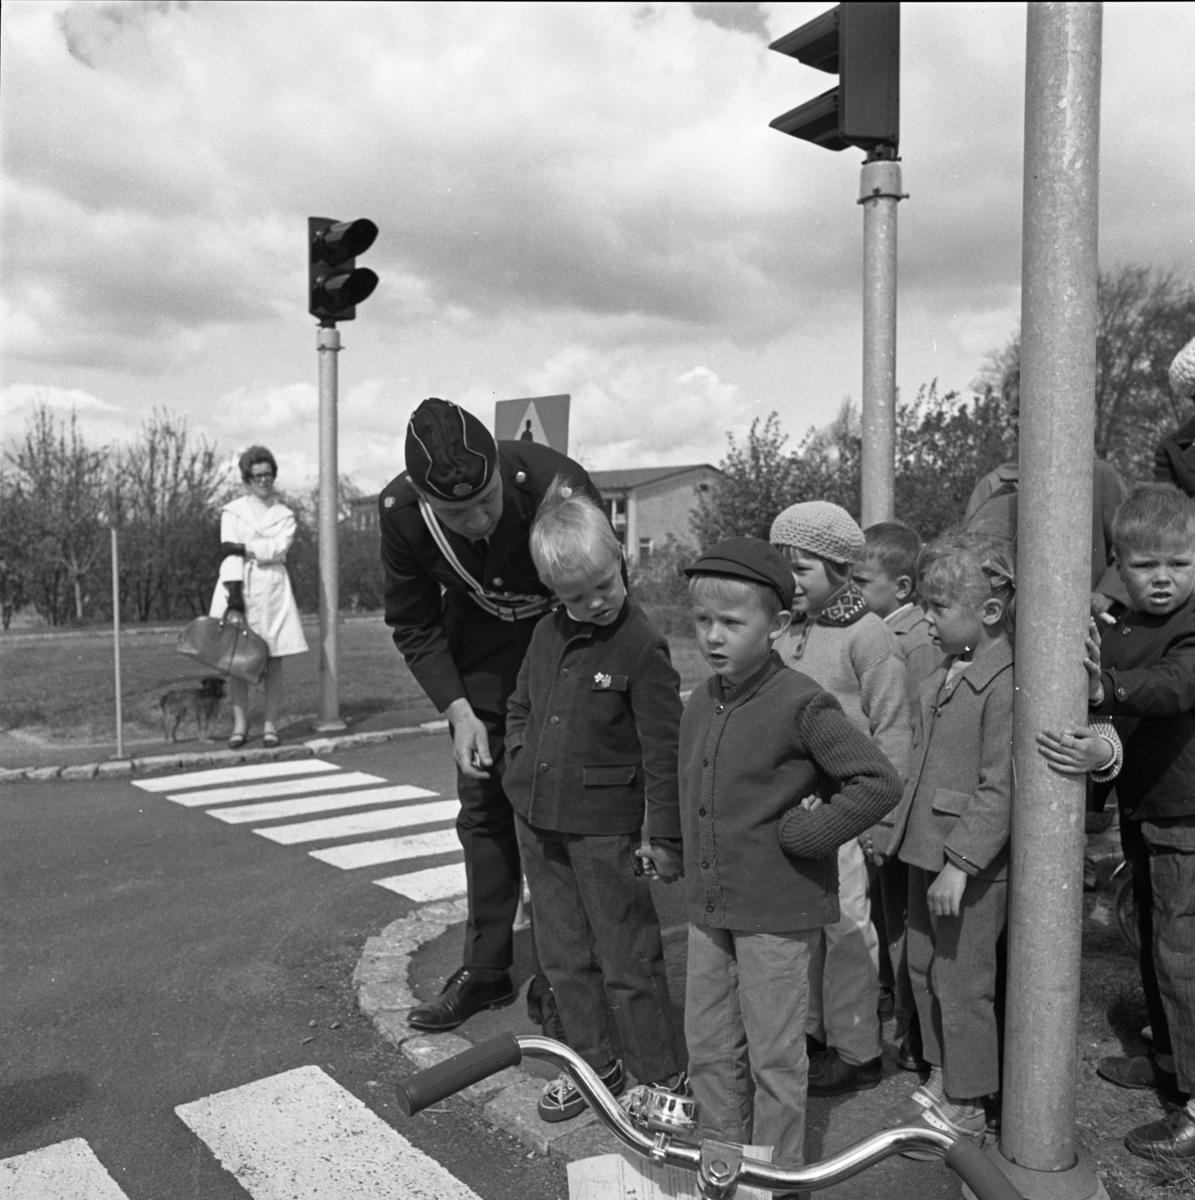 Trafiklekskola med polisman Leif Ekström, i uniform. Barnen får lära sig om trafikregler, trafikskyltar, övergångsställen och trafikljus. Några mammor är också med. I bakgrunden står en kvinna med en hund. Gäddgårdsskolan skymtar till höger. Platsen är i anslutning till Borgmästargatan.